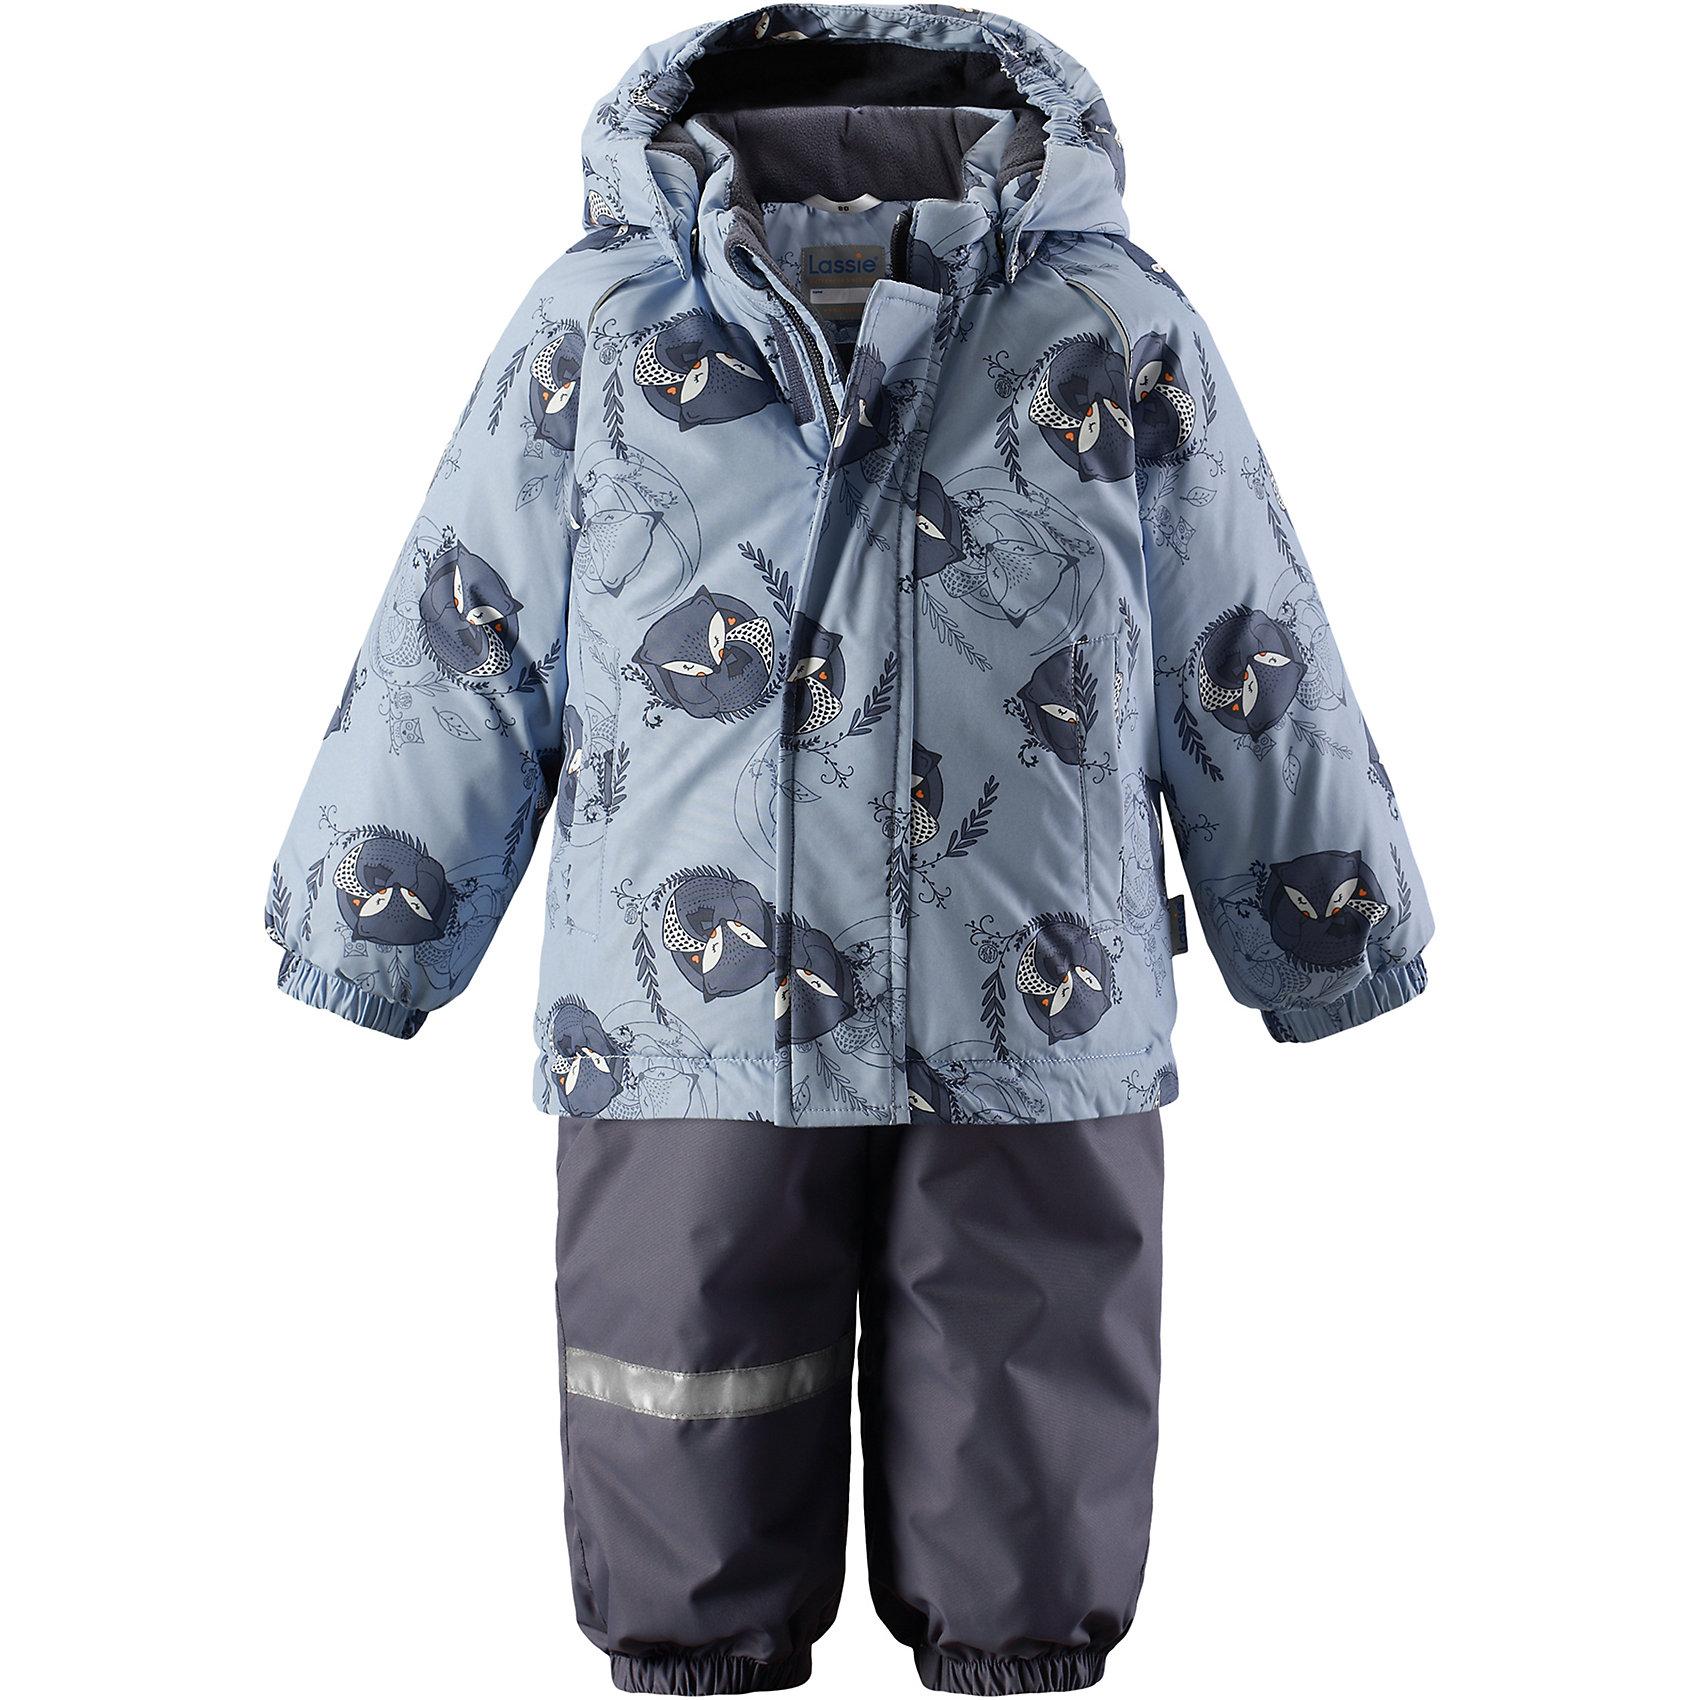 Комплект LassieОдежда<br>Характеристики товара:<br><br>• цвет: голубой;<br>• состав: 100% полиэстер, полиуретановое покрытие;<br>• подкладка: 100% полиэстер;<br>• утеплитель: куртка 180 г/м2, брюки 140 г/м2;<br>• сезон: зима;<br>• температурный режим: от 0 до -20С;<br>• водонепроницаемость: 1000 мм;<br>• воздухопроницаемость: 2000 мм;<br>• износостойкость: 15000/20000 циклов (тест Мартиндейла)<br>• застежка: молния с защитой подбородка, молния сбоку у брюк;<br>• водоотталкивающий, ветронепроницаемый и дышащий материал;<br>• задний серединный шов брюк проклеен;<br>• гладкая подкладка из полиэстера;<br>• безопасный съемный капюшон;<br>• эластичные манжеты;<br>• регулируемый подол;<br>• эластичные штанины;<br>• съемные эластичные штрипки;<br>• два прорезных кармана;<br>• регулируемые эластичные подтяжки;<br>• светоотражающие детали;<br>• страна бренда: Финляндия;<br>• страна изготовитель: Китай;<br><br>Изумительный зимний комплект для малышей согреет вашего кроху во время прогулок на свежем воздухе. Безопасный съемный капюшон защищает щечки от морозного ветра. Регулируемый подол позволяет откорректировать куртку идеально по фигуре, а благодаря регулируемым подтяжкам и штрипкам брюки не сползут и не будут задираться даже во время самых активных игр на снегу. Удобные прорезные карманы помогут сберечь все маленькие сокровища!<br><br>Комплект Lassie (Ласси) можно купить в нашем интернет-магазине.<br><br>Ширина мм: 356<br>Глубина мм: 10<br>Высота мм: 245<br>Вес г: 519<br>Цвет: серый<br>Возраст от месяцев: 24<br>Возраст до месяцев: 36<br>Пол: Мужской<br>Возраст: Детский<br>Размер: 98,80,86,92<br>SKU: 6905411